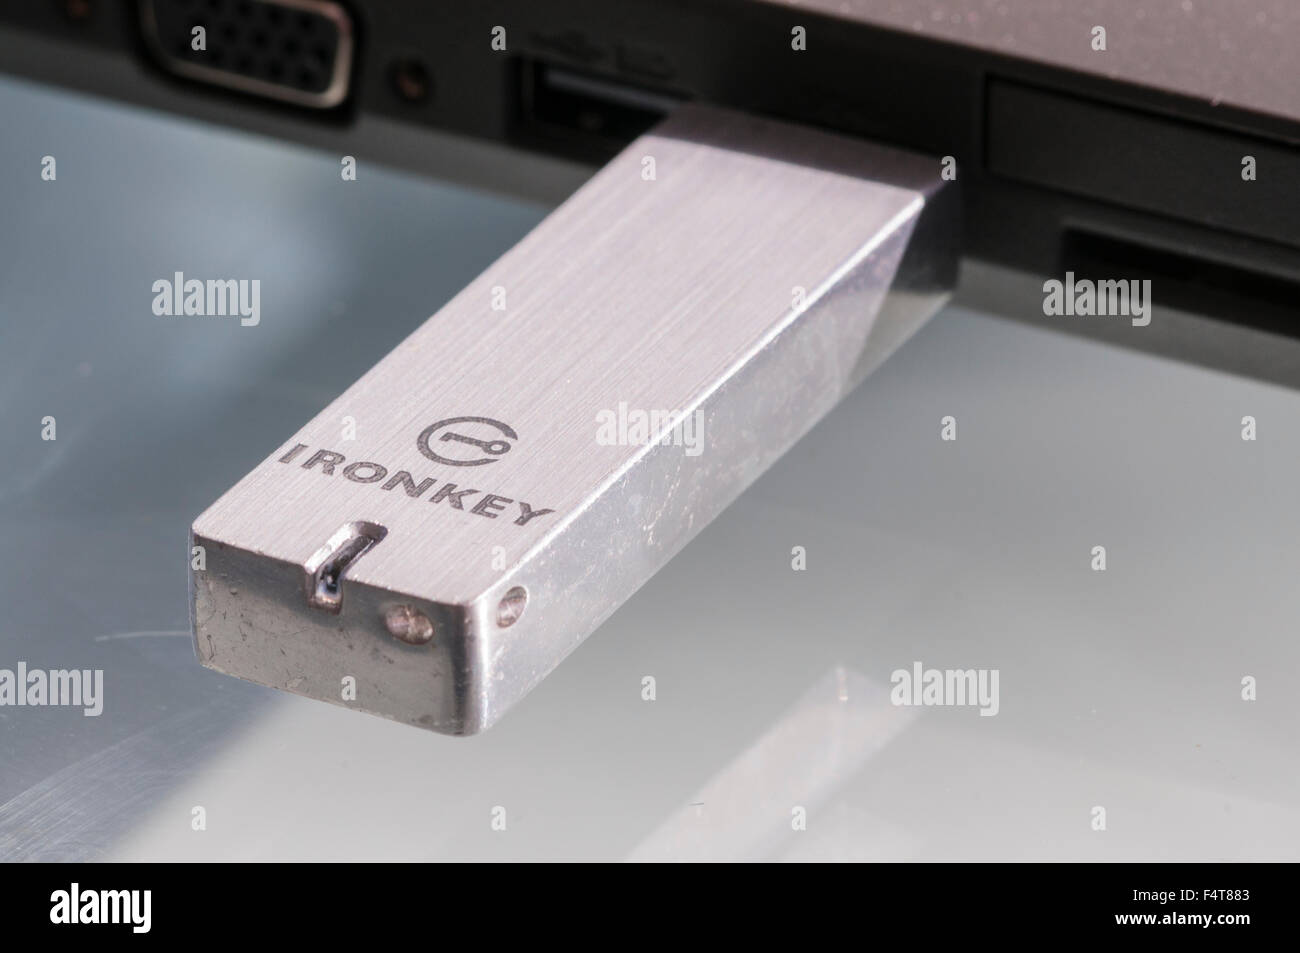 Ironkey secure USB memory stick thumbdrive - Stock Image